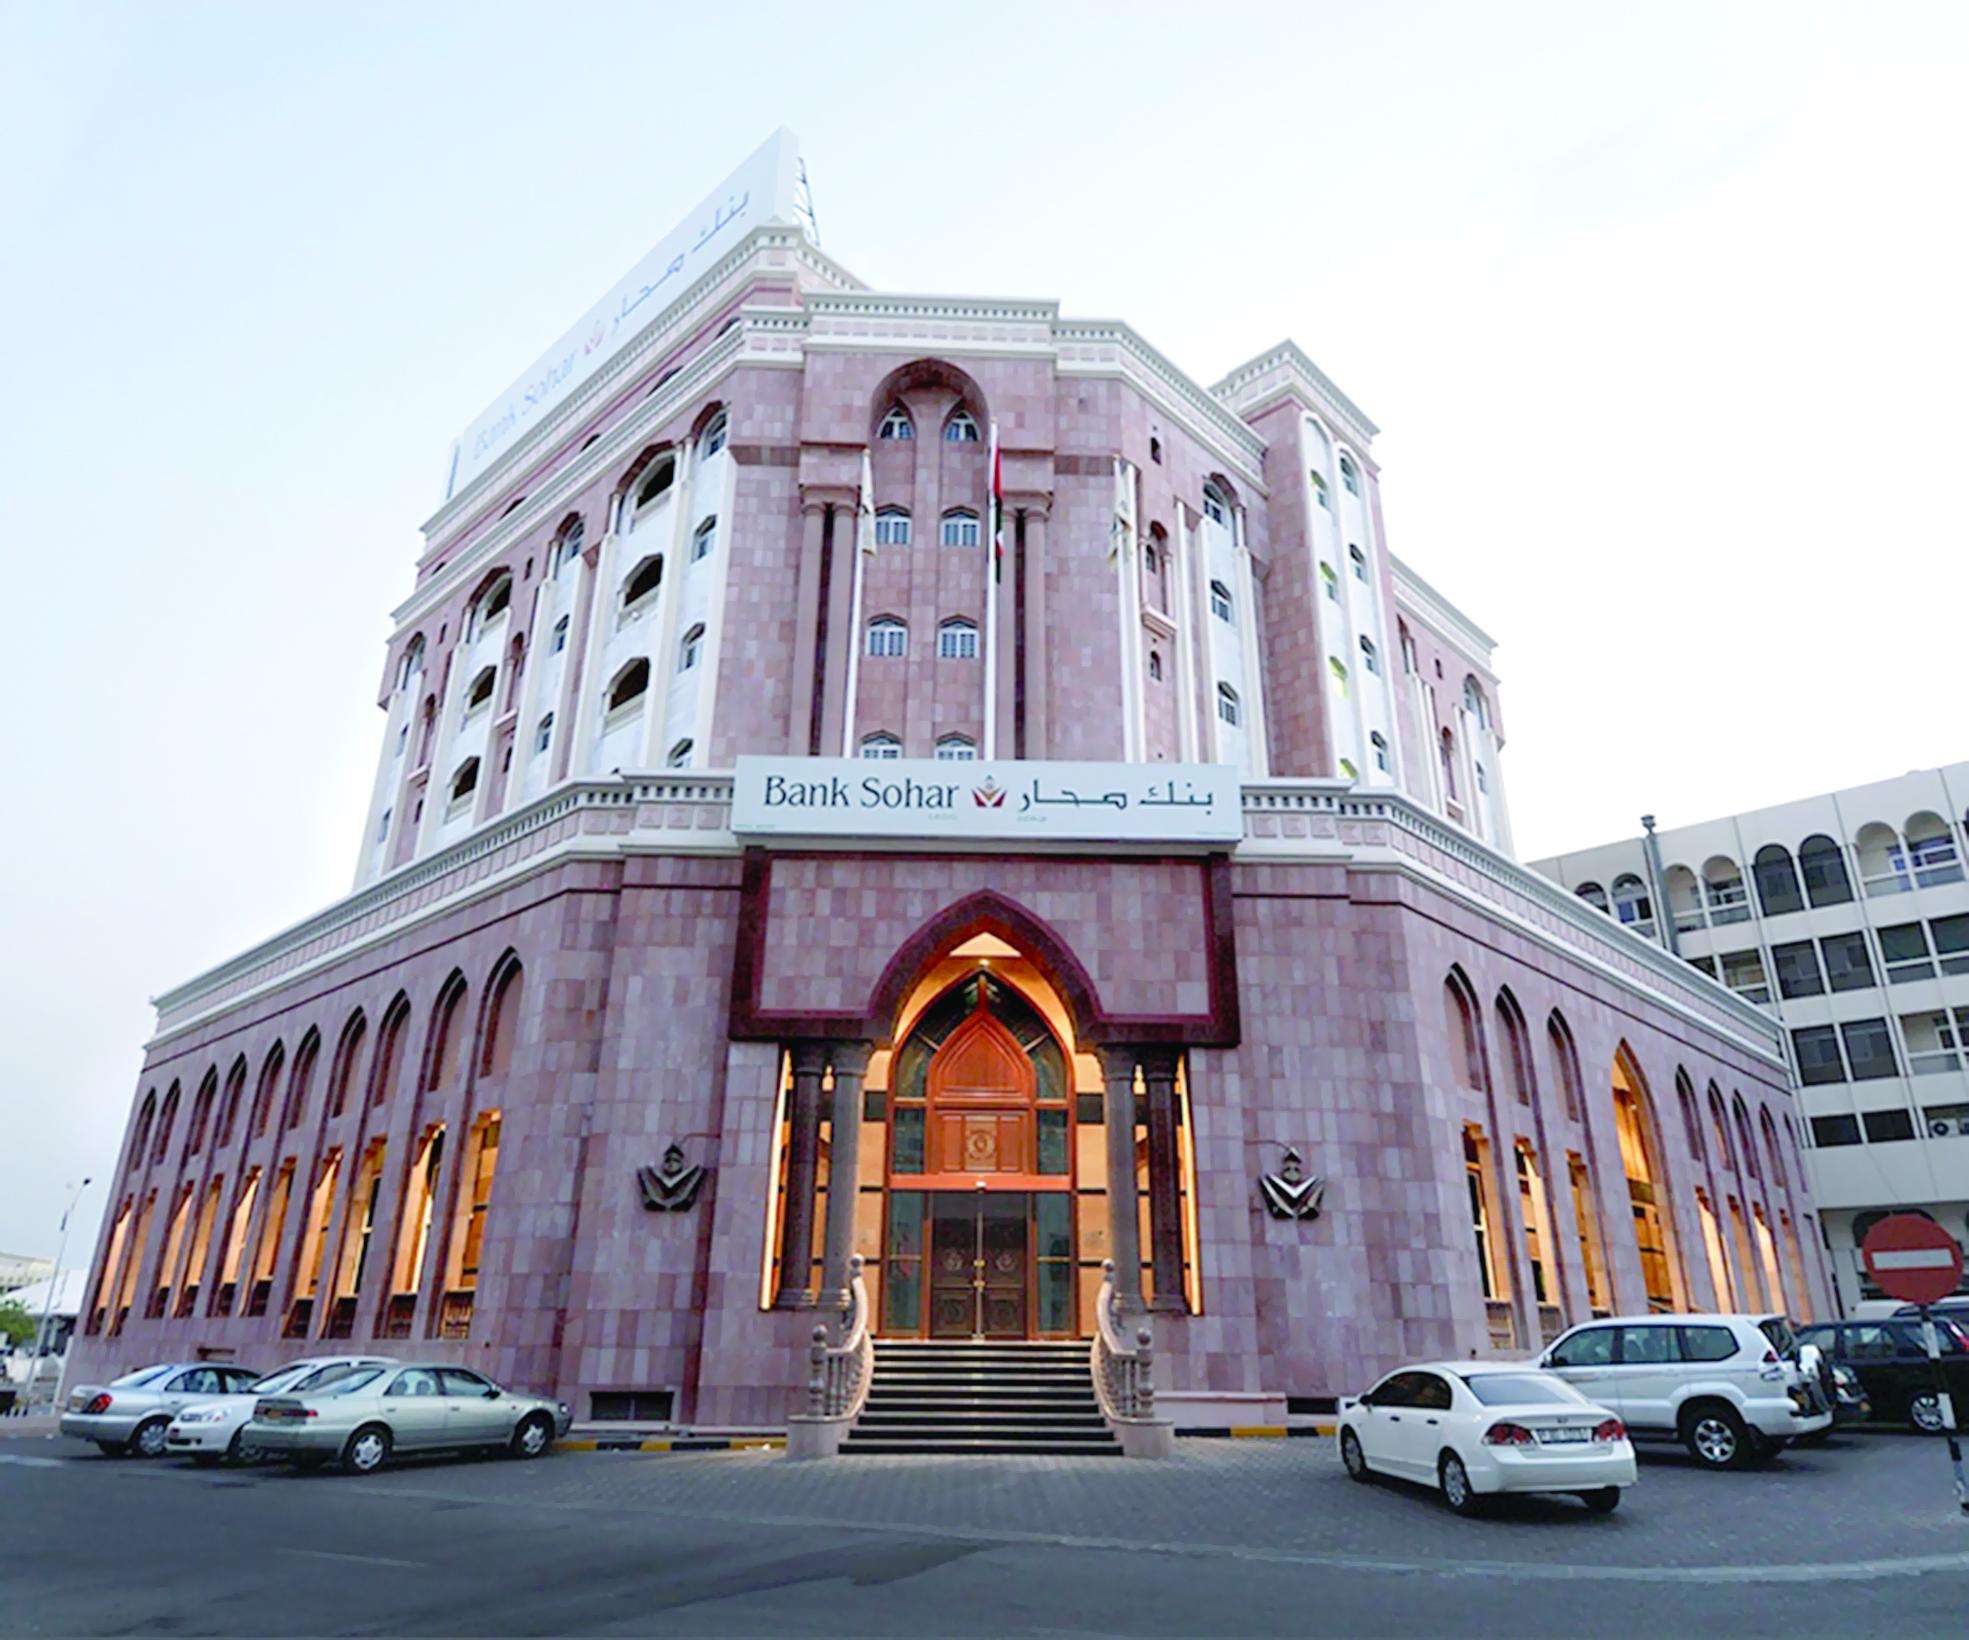 بنك صحار يدعم جامعة البريمي في افتتاح الحرم الجديد